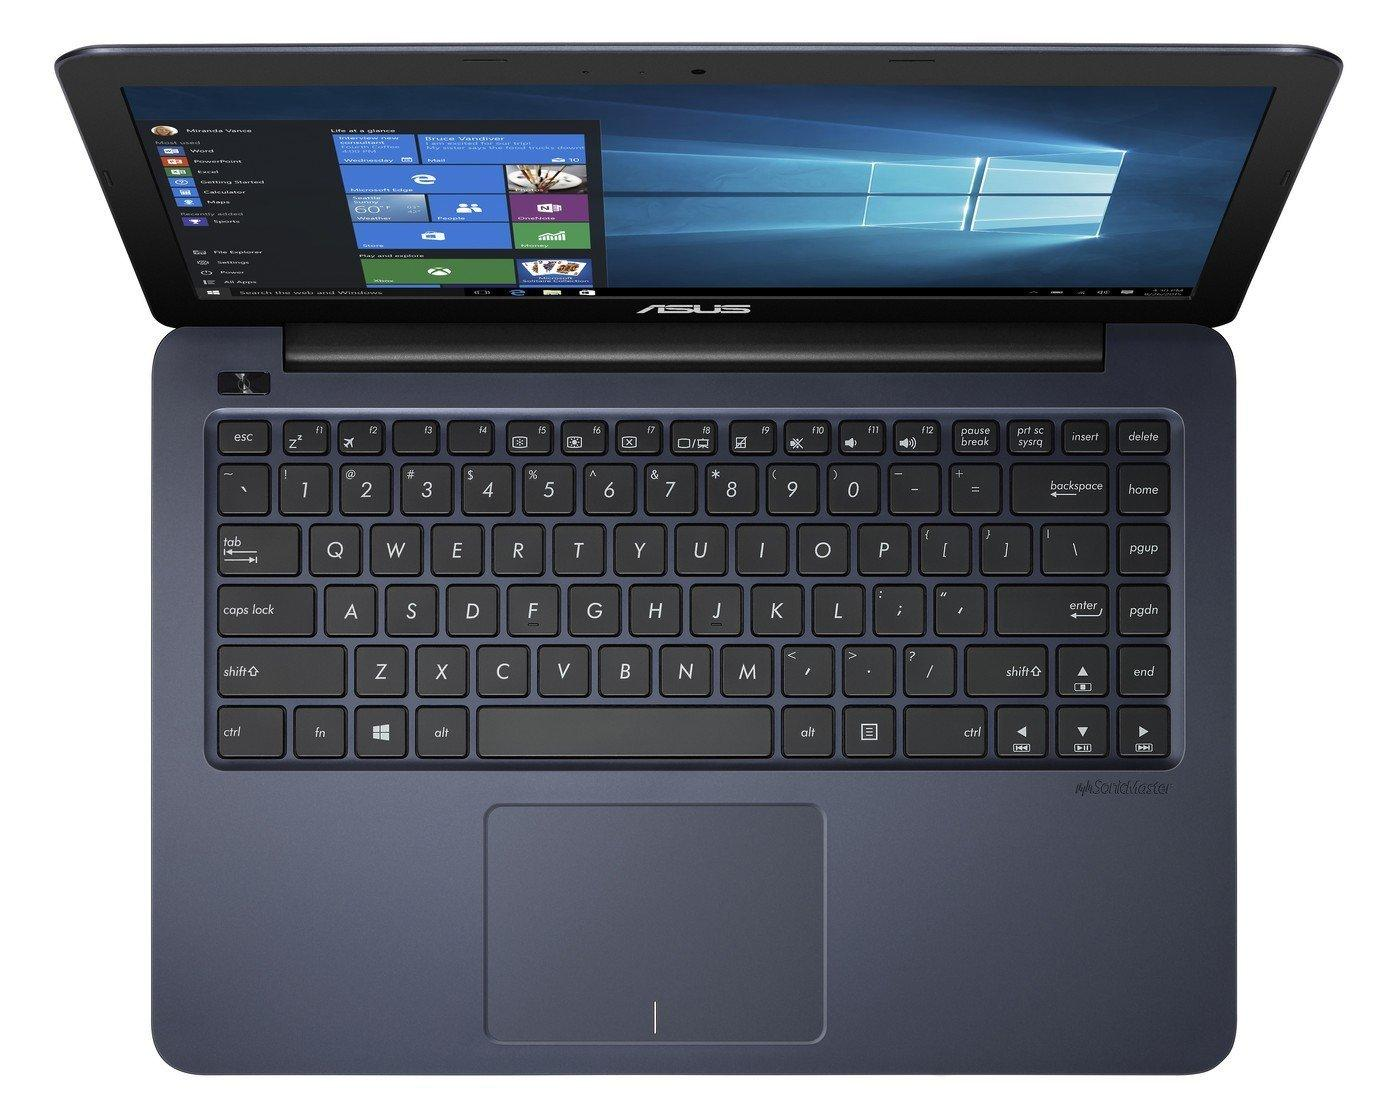 LAPTOP ASUS E402WA-GA001T AMD E2 - 500GB - 4GB - WIN 10